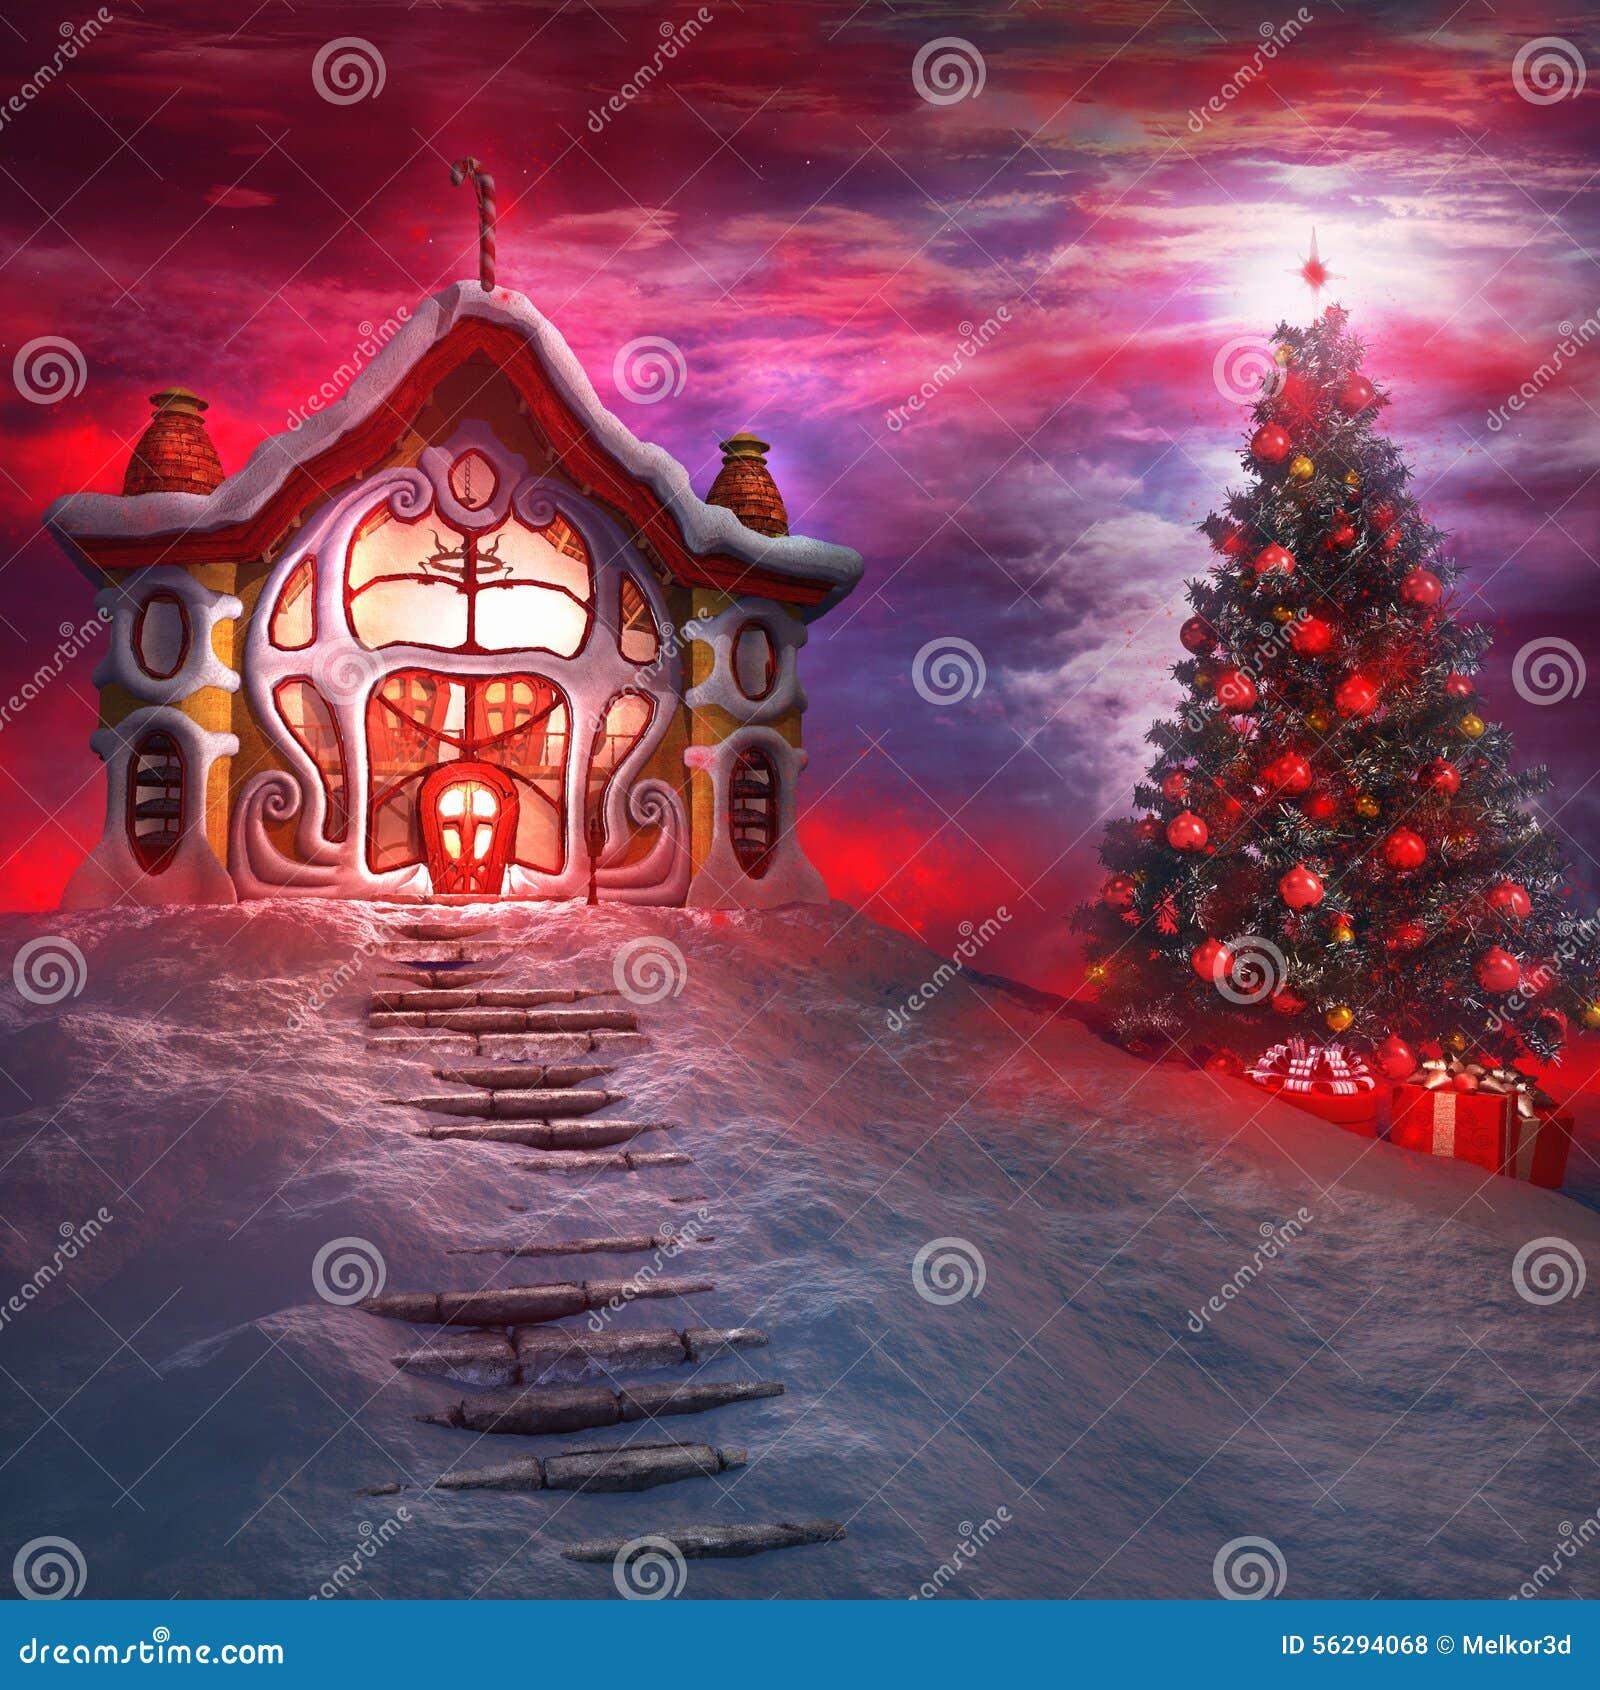 Kerstboom en het huis van de kerstman stock illustratie afbeelding 56294068 for De ingang van het huis